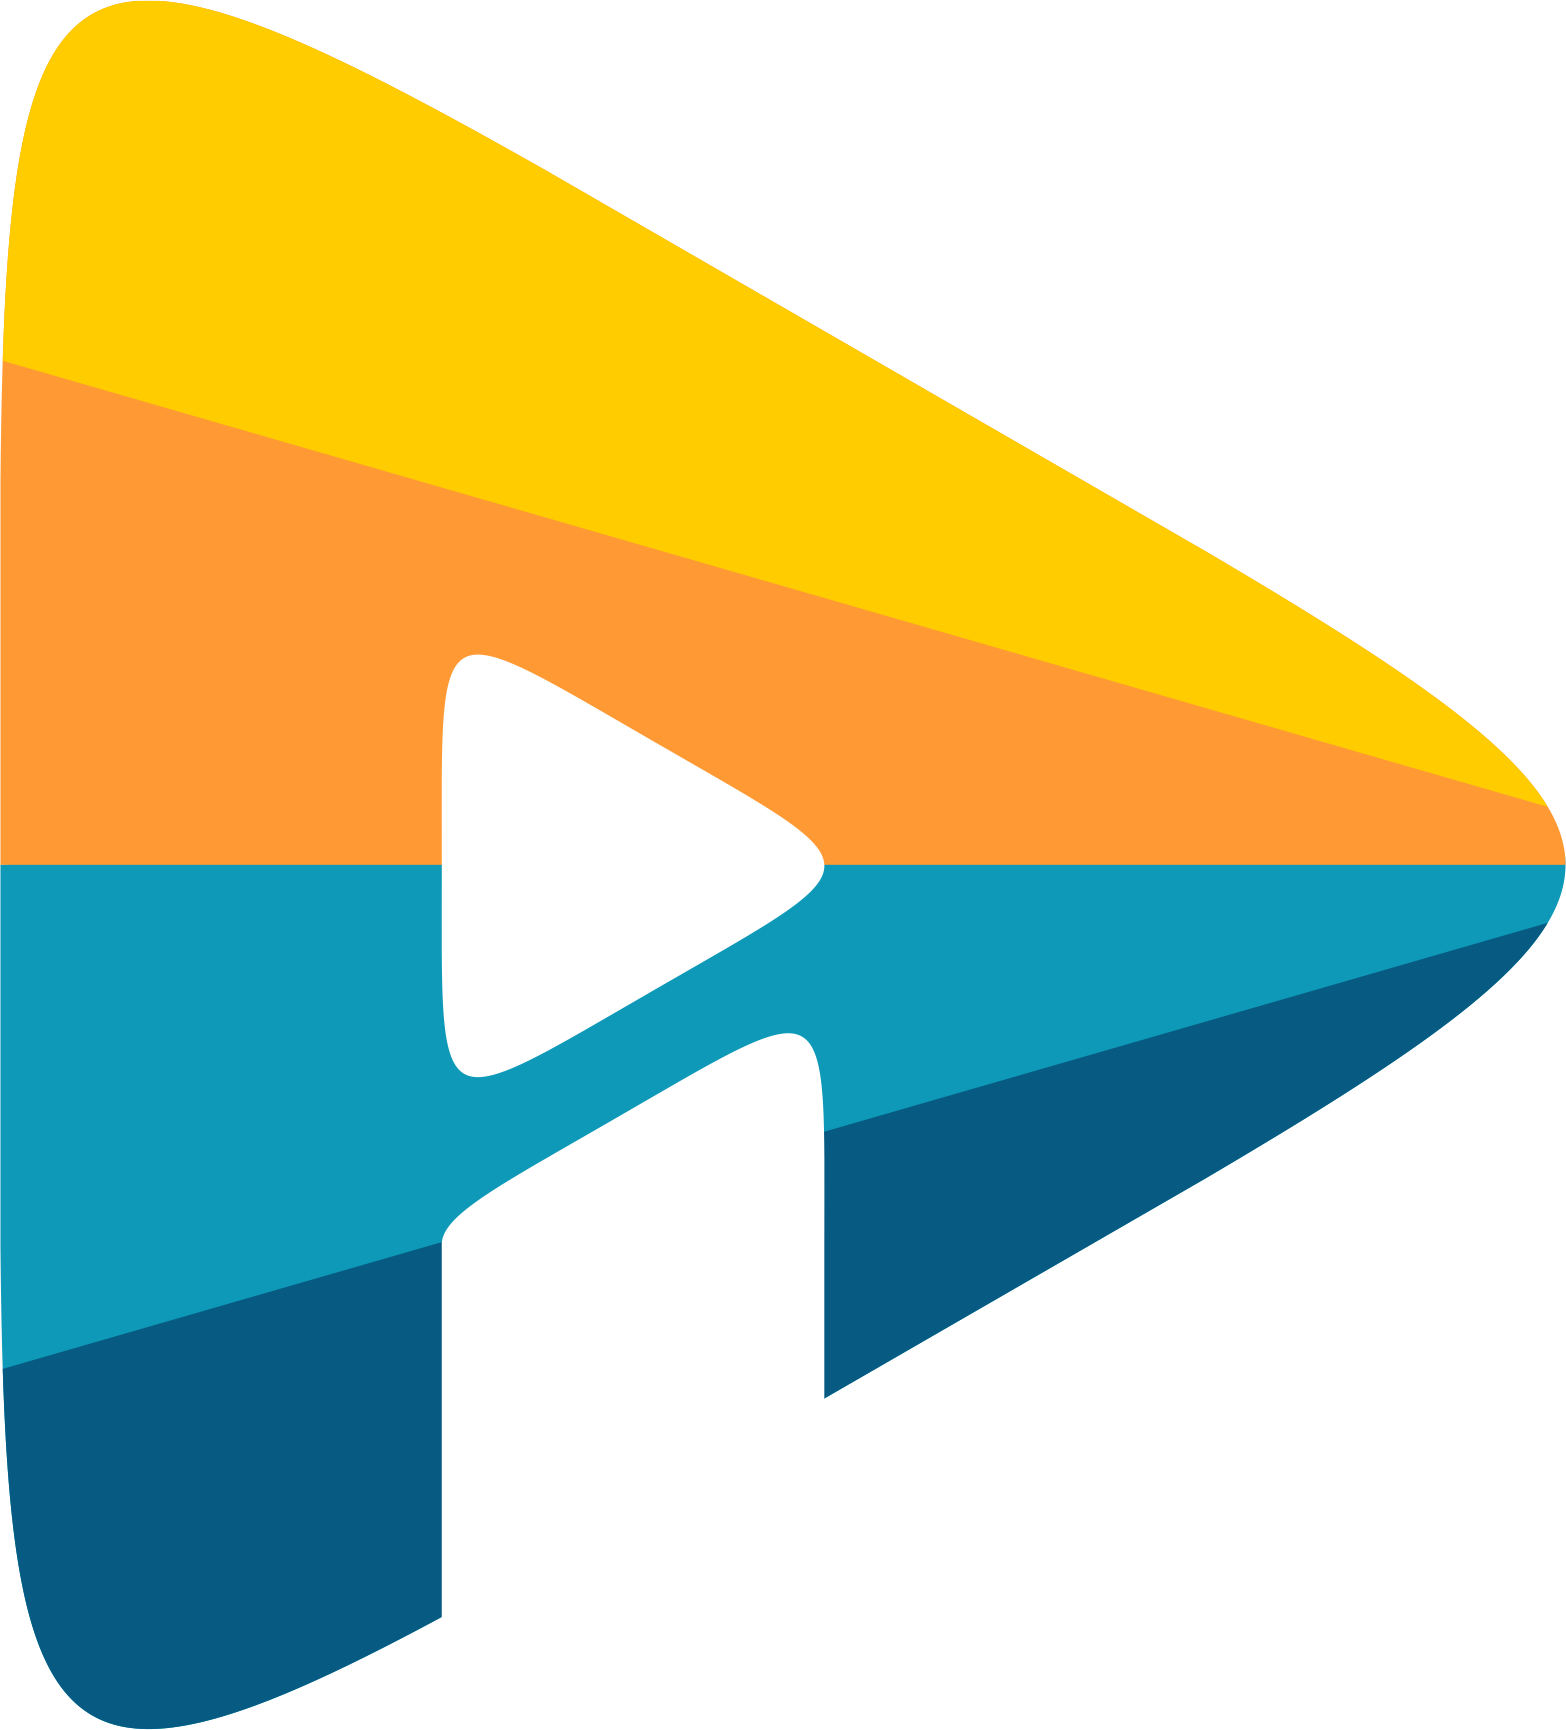 Iptv logo